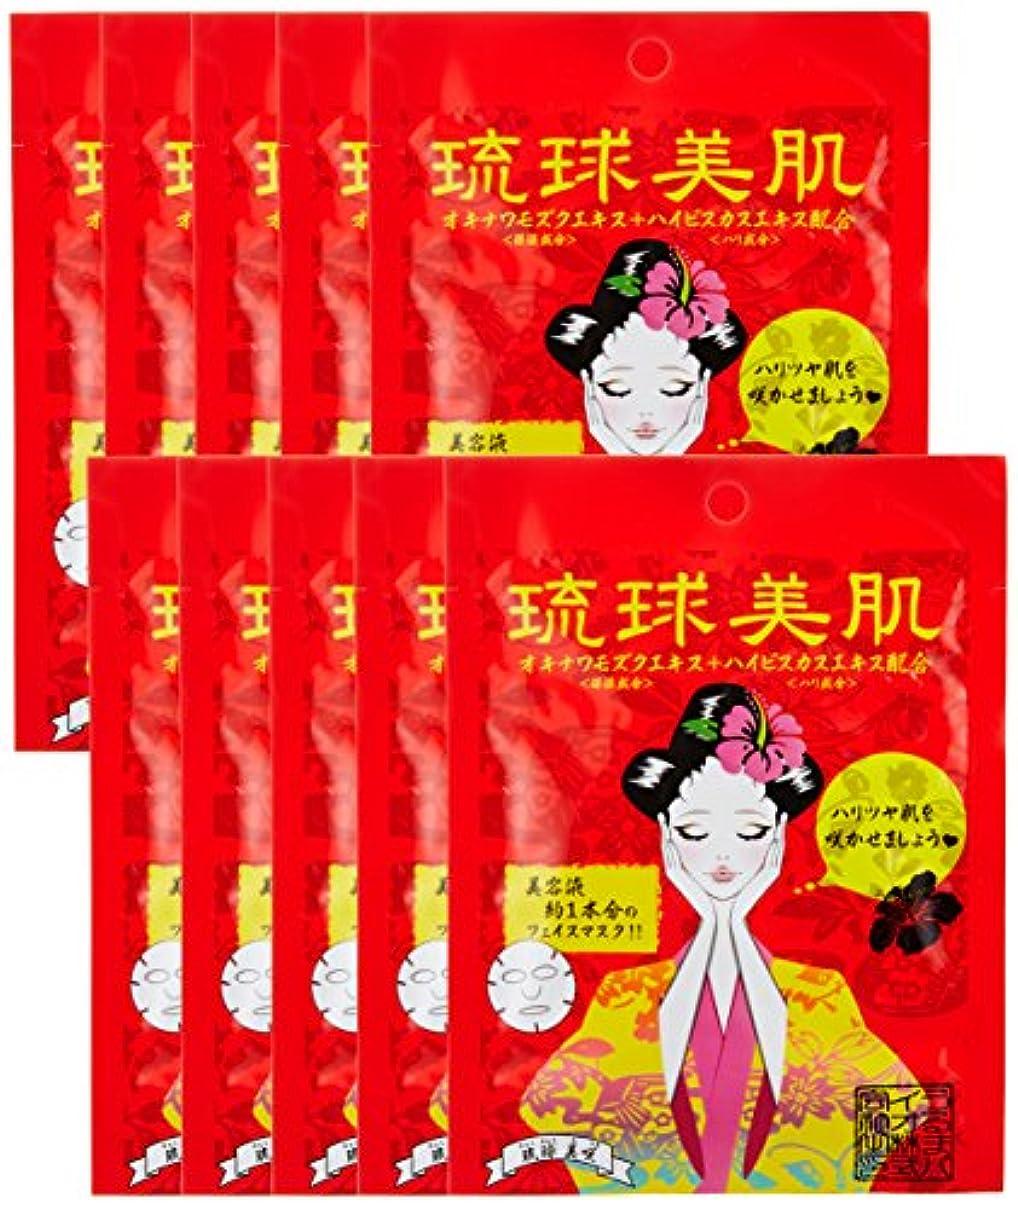 監査調べるガス琉球美肌 フェイスマスクシート ハイビスカスの香り 10枚セット